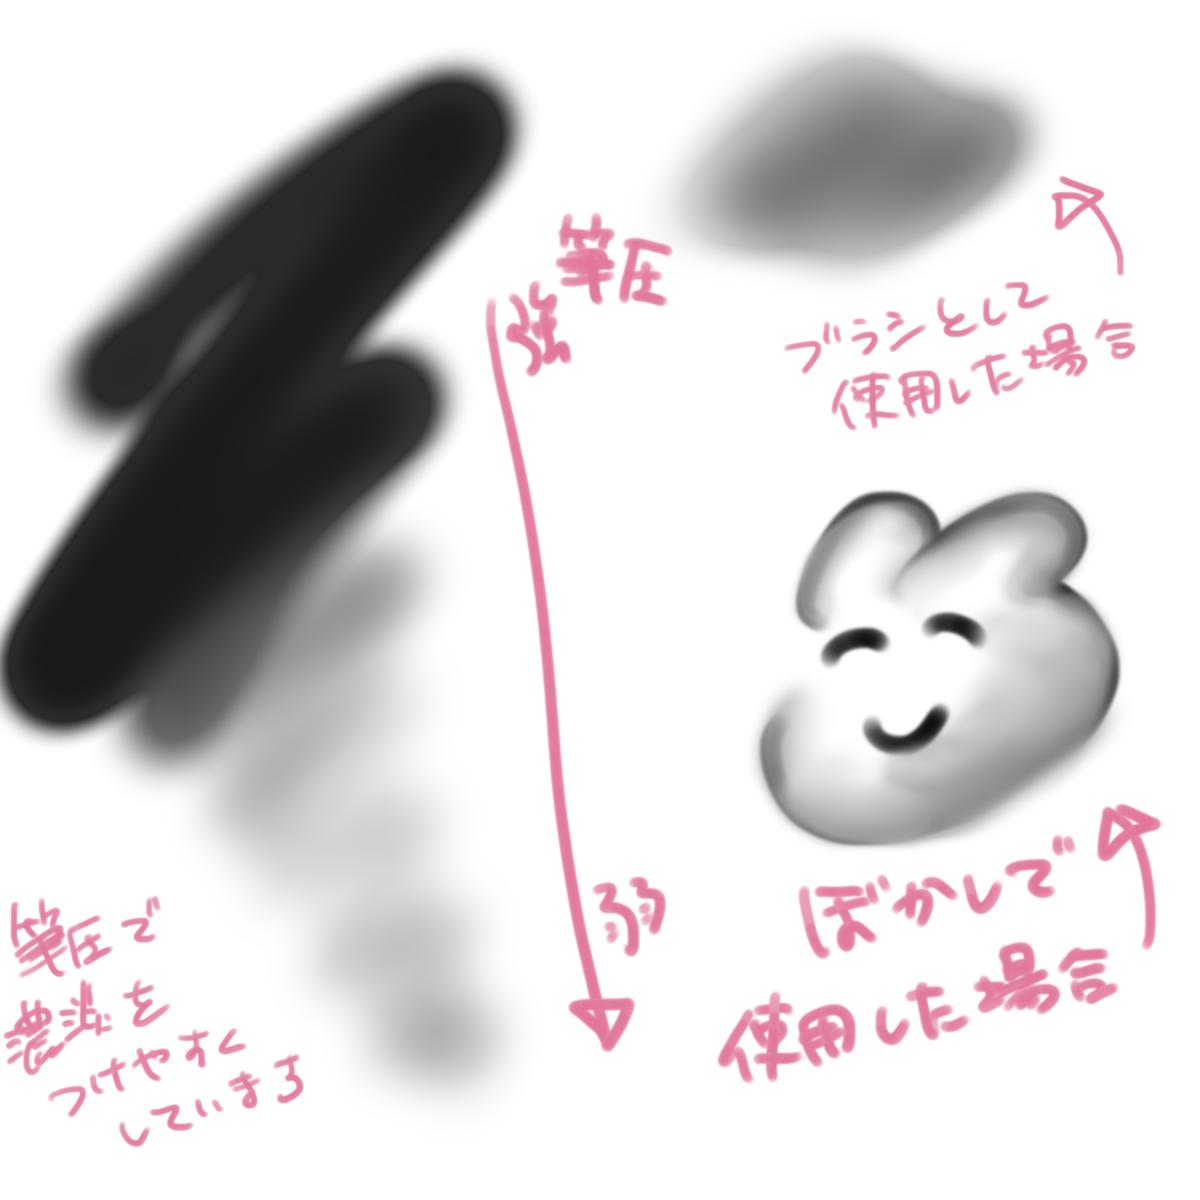 f:id:harucu_te:20210329154938p:plain